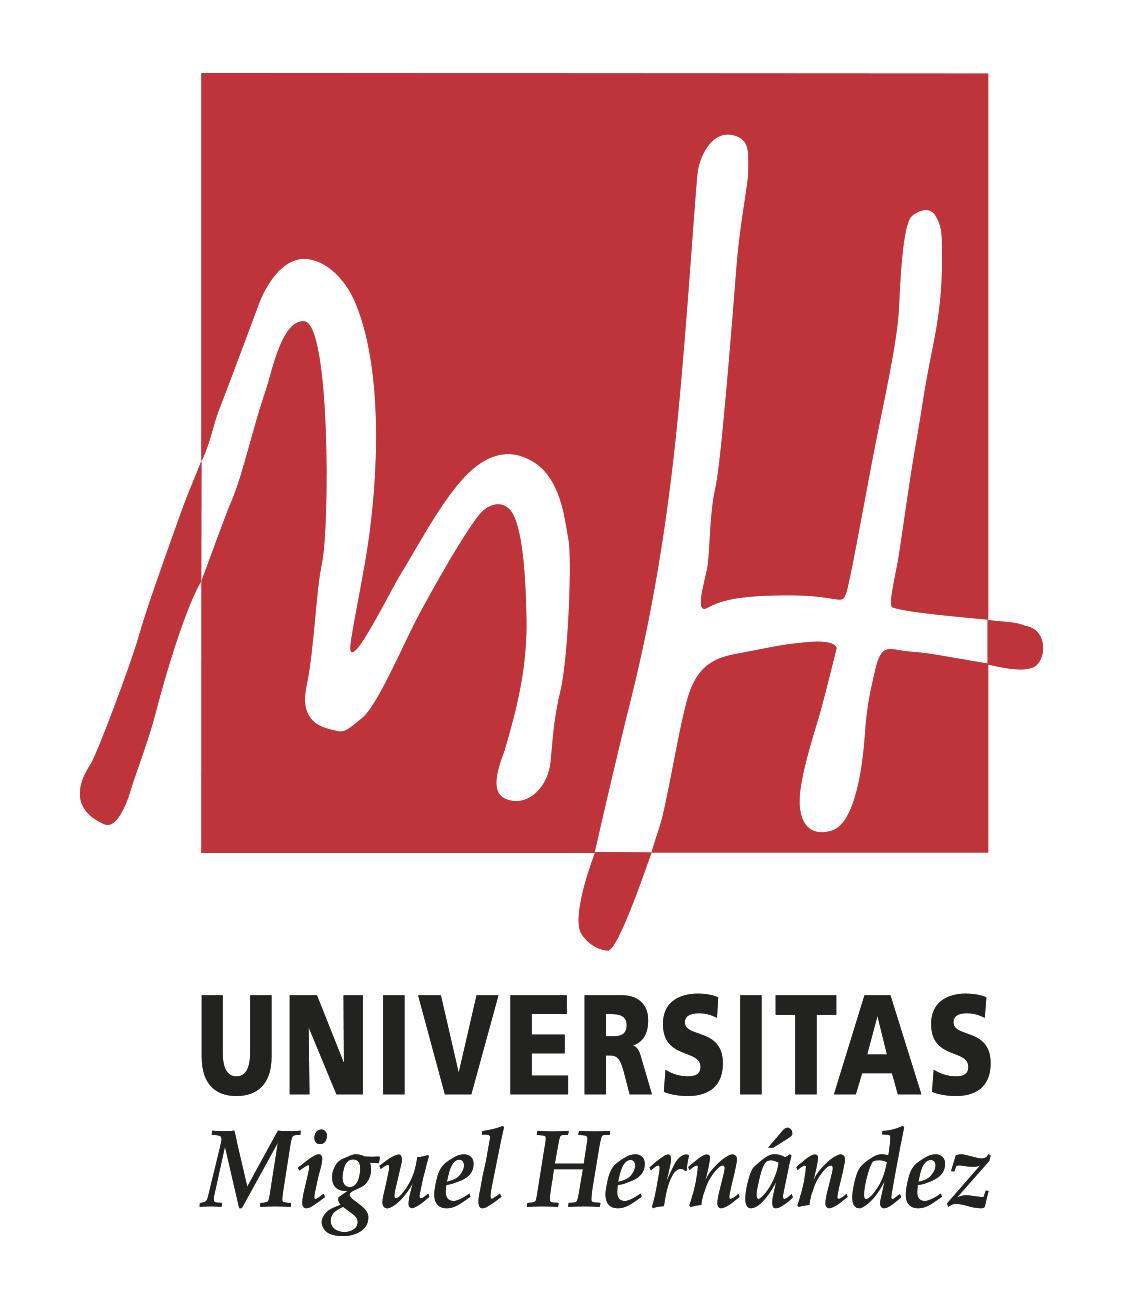 LOGONUEVO-Miguel Hernandez